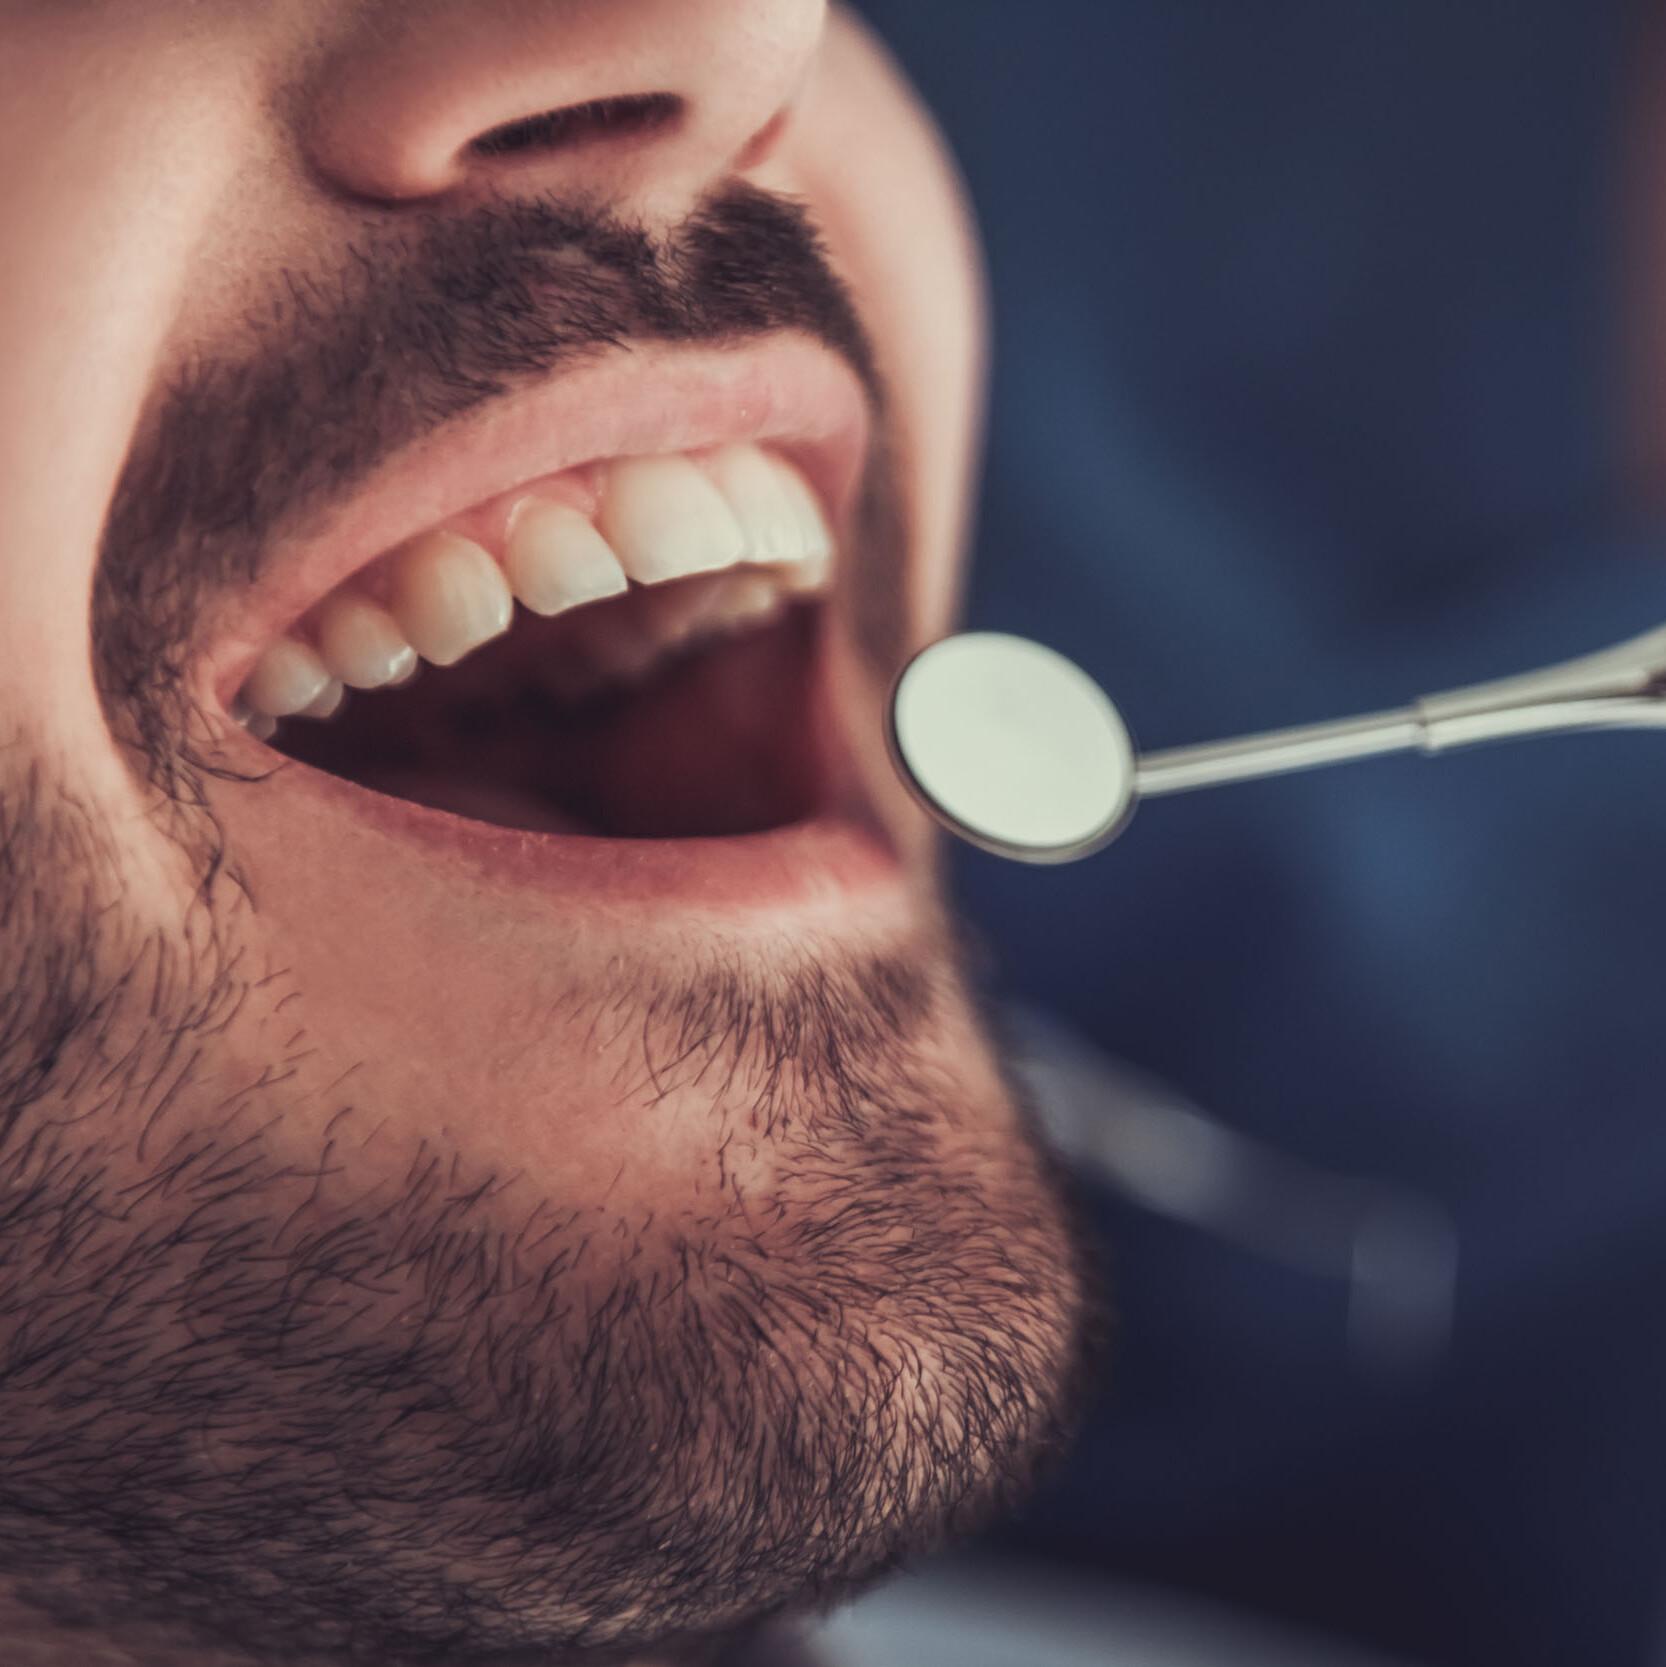 36 Top Photos Wann Wachsen Zähne / Kann Zahnfleisch Wieder